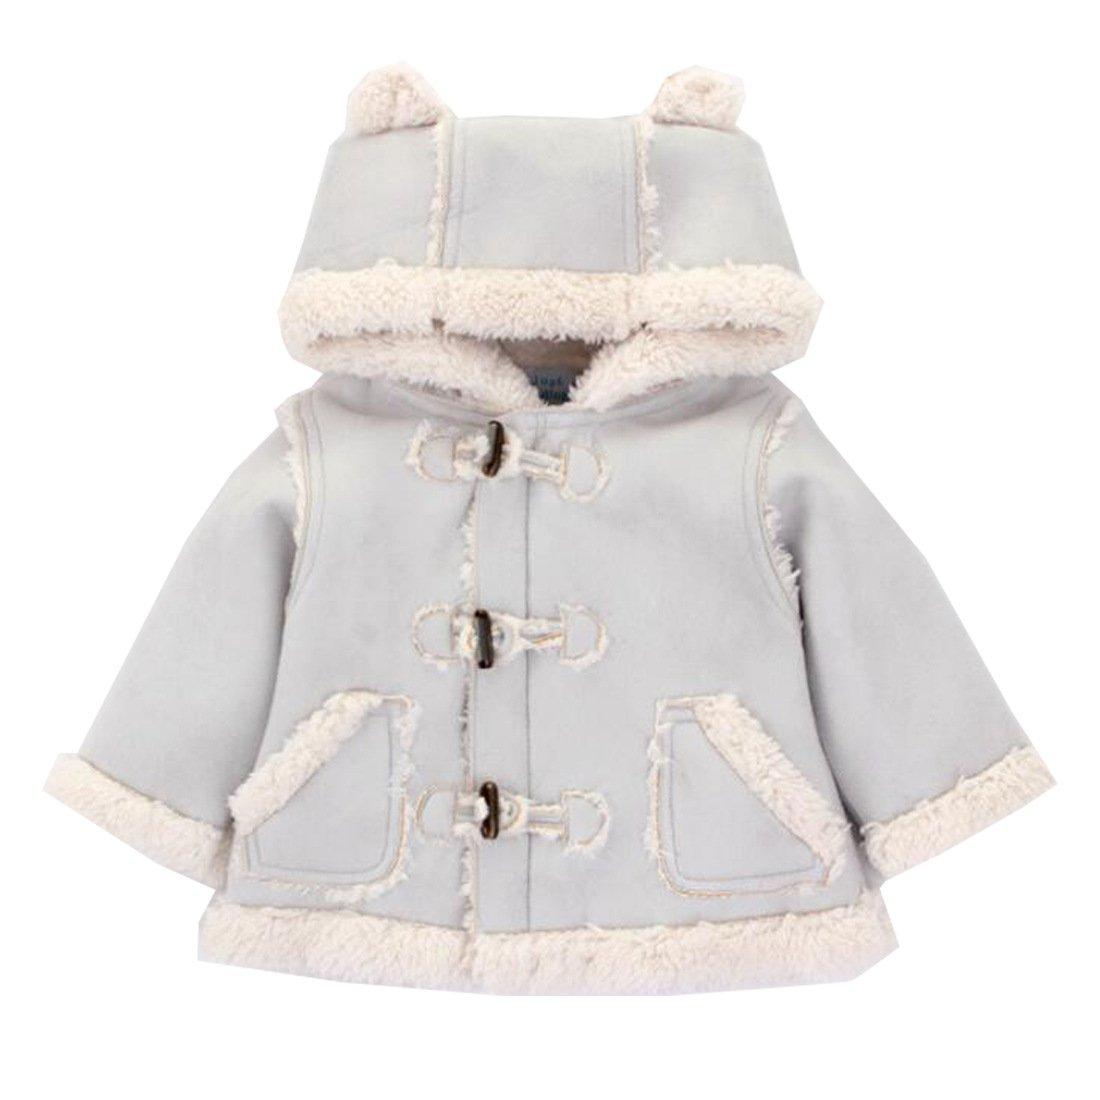 Blueleyu Unisex-Baby Thermal Hooddie Coat Jacket Long Sleeve Winter Toddler Jumpsuit Sweatshirt Outwear